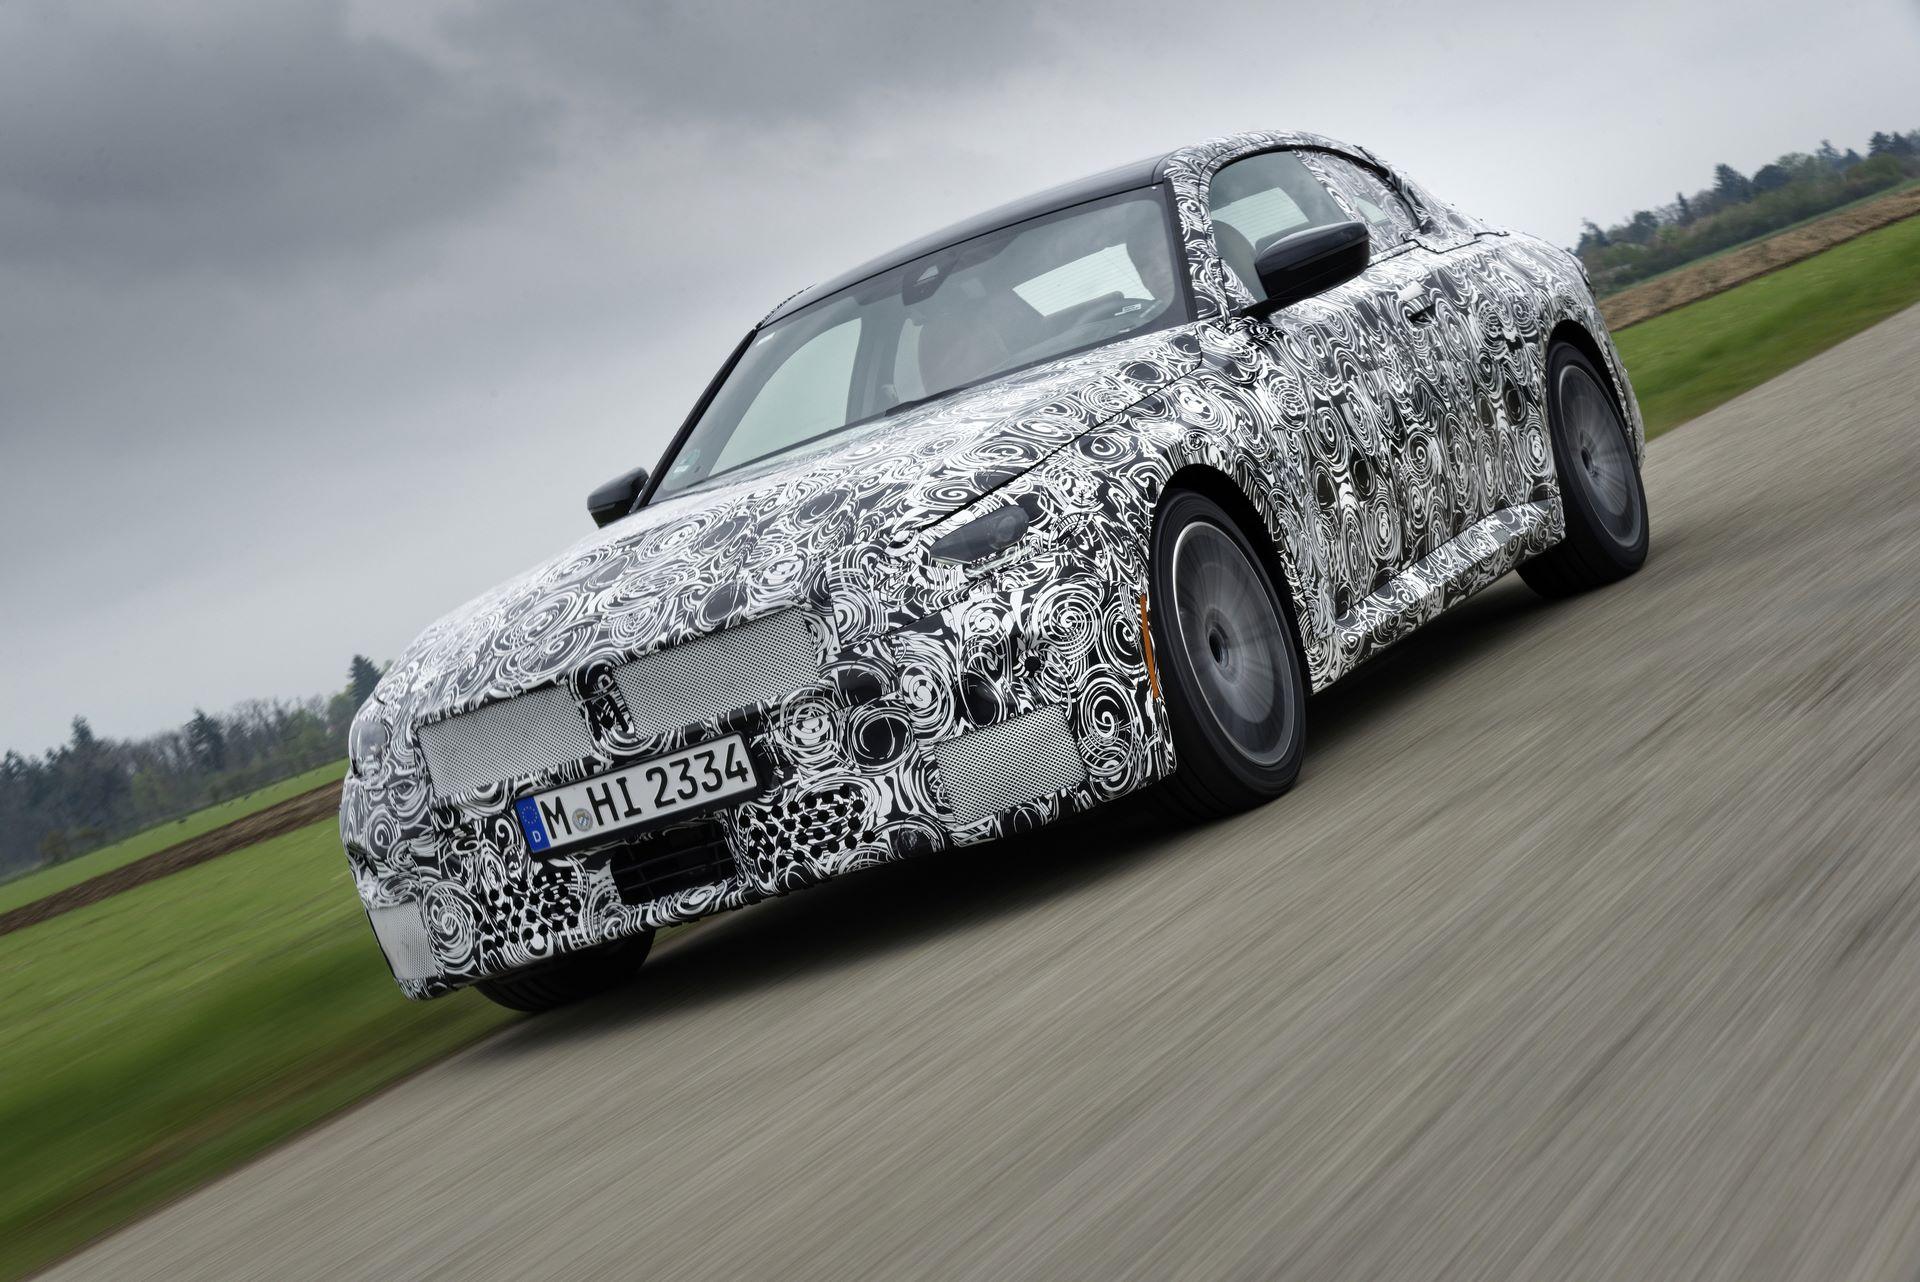 BMW-2-Series-M240i-spy-photos-29